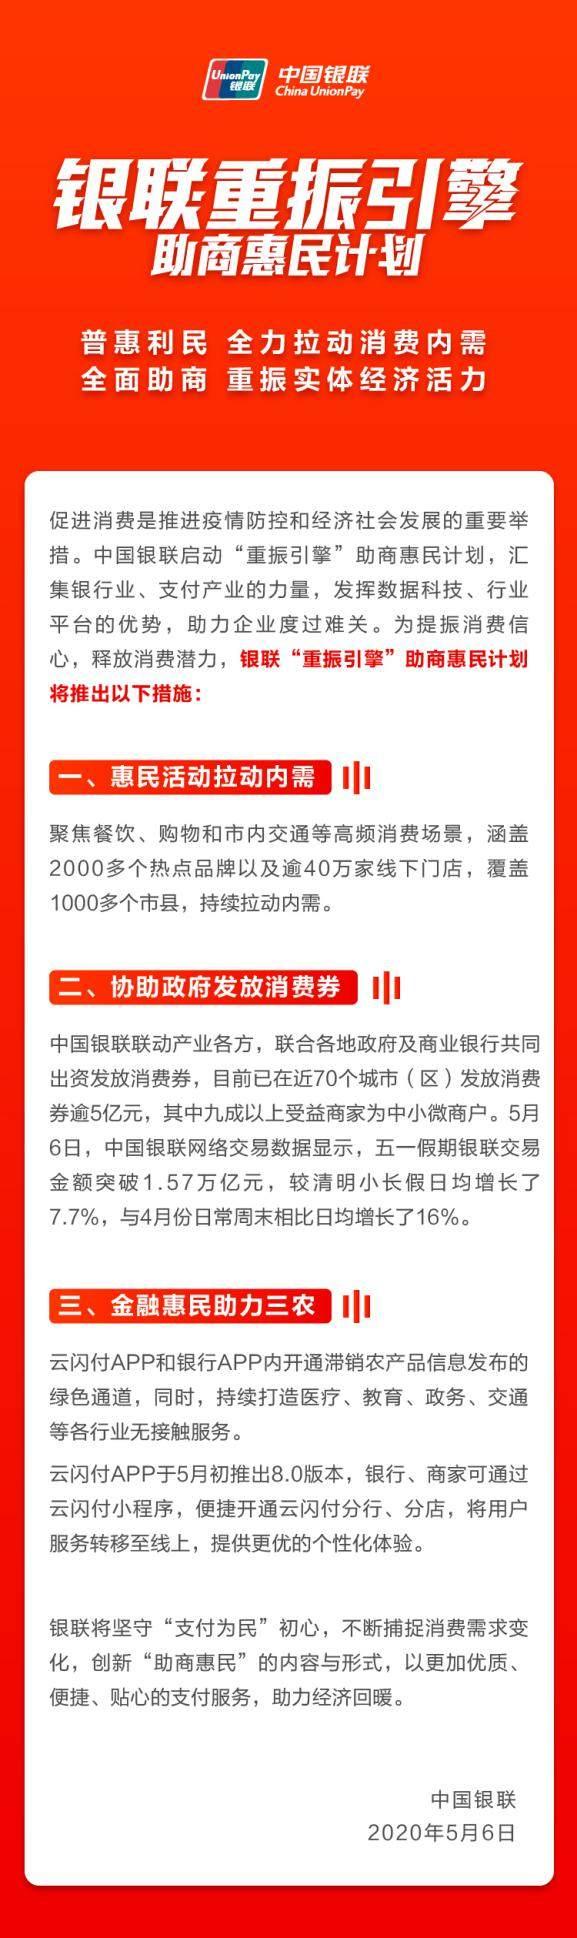 消费券背后的中国银联:用国企担当重振消费引擎